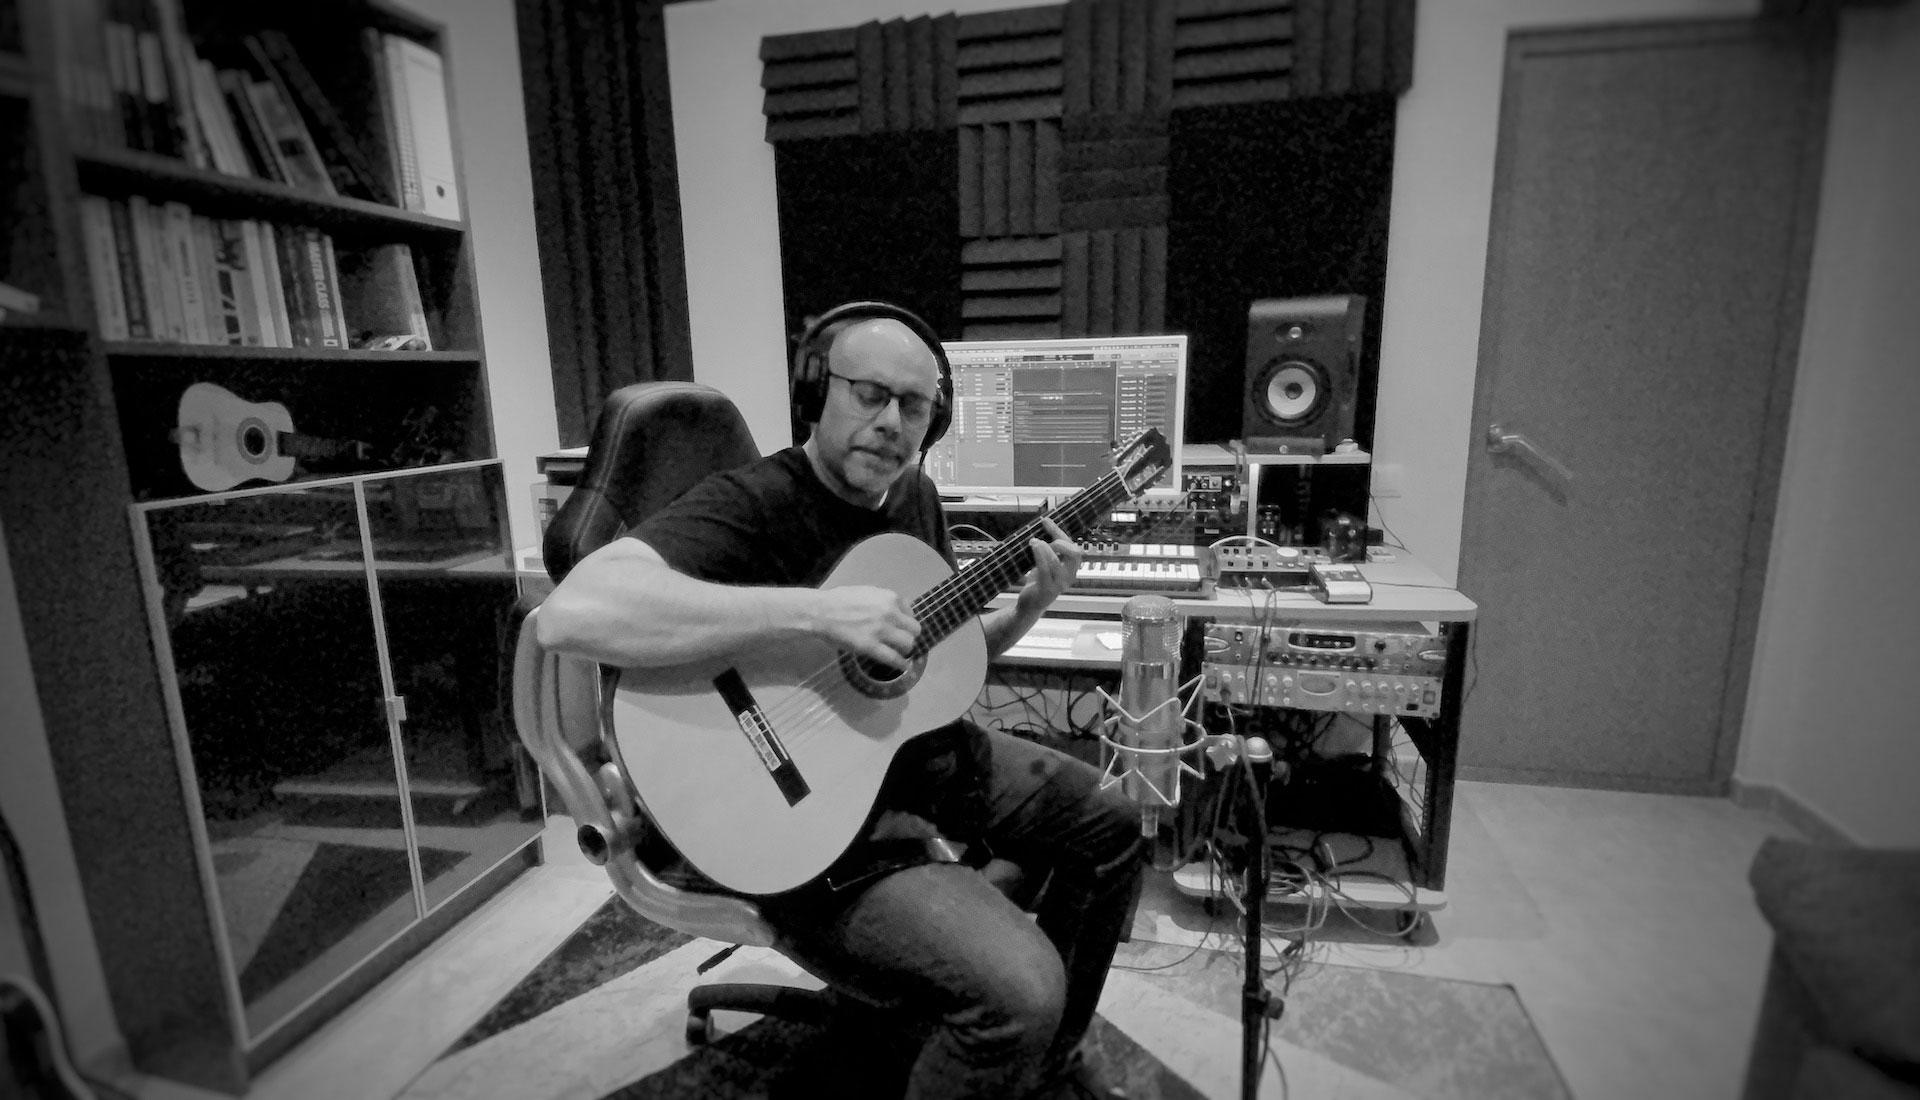 Grabación de guitarras online